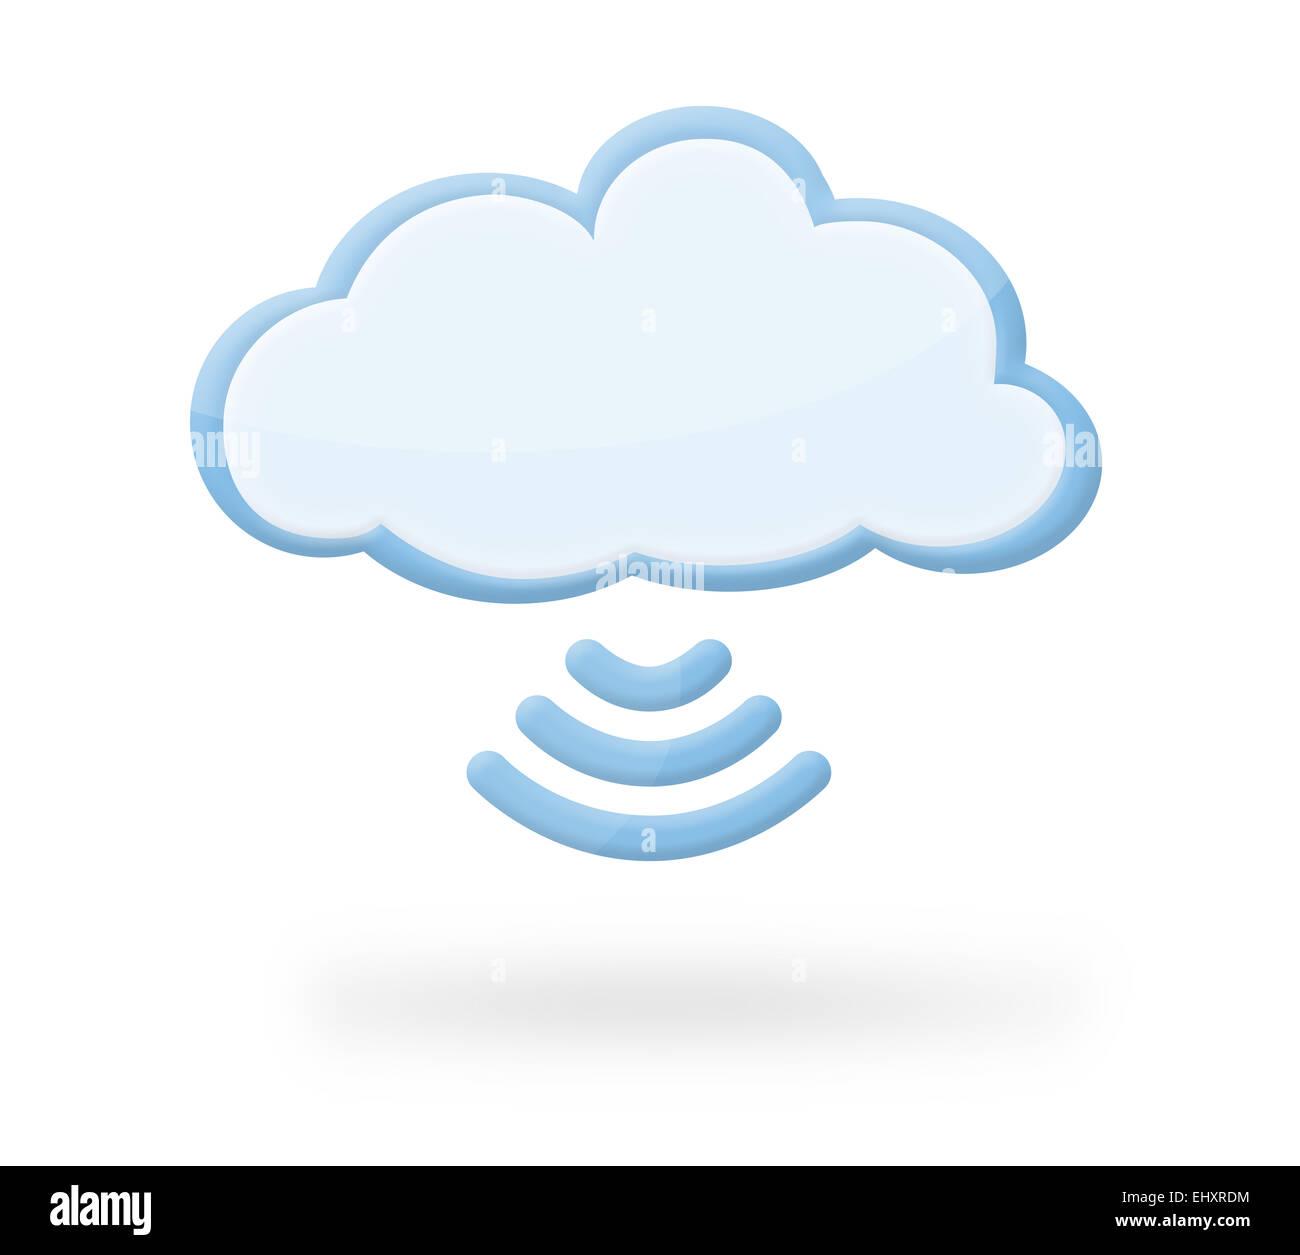 Icône nuage moderne avec connexion wi-fi et symbole de l'ombre, ce qui pourrait représenter l'informatique Photo Stock